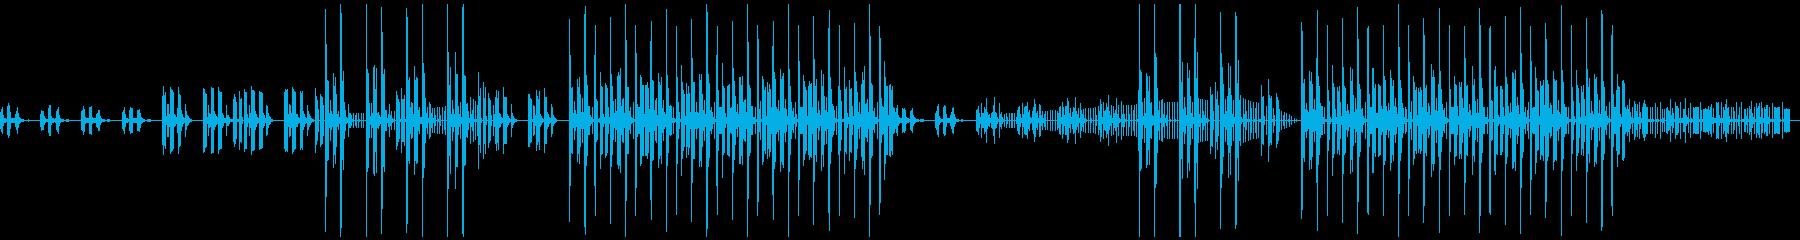 トラップ、冬、BGMの再生済みの波形